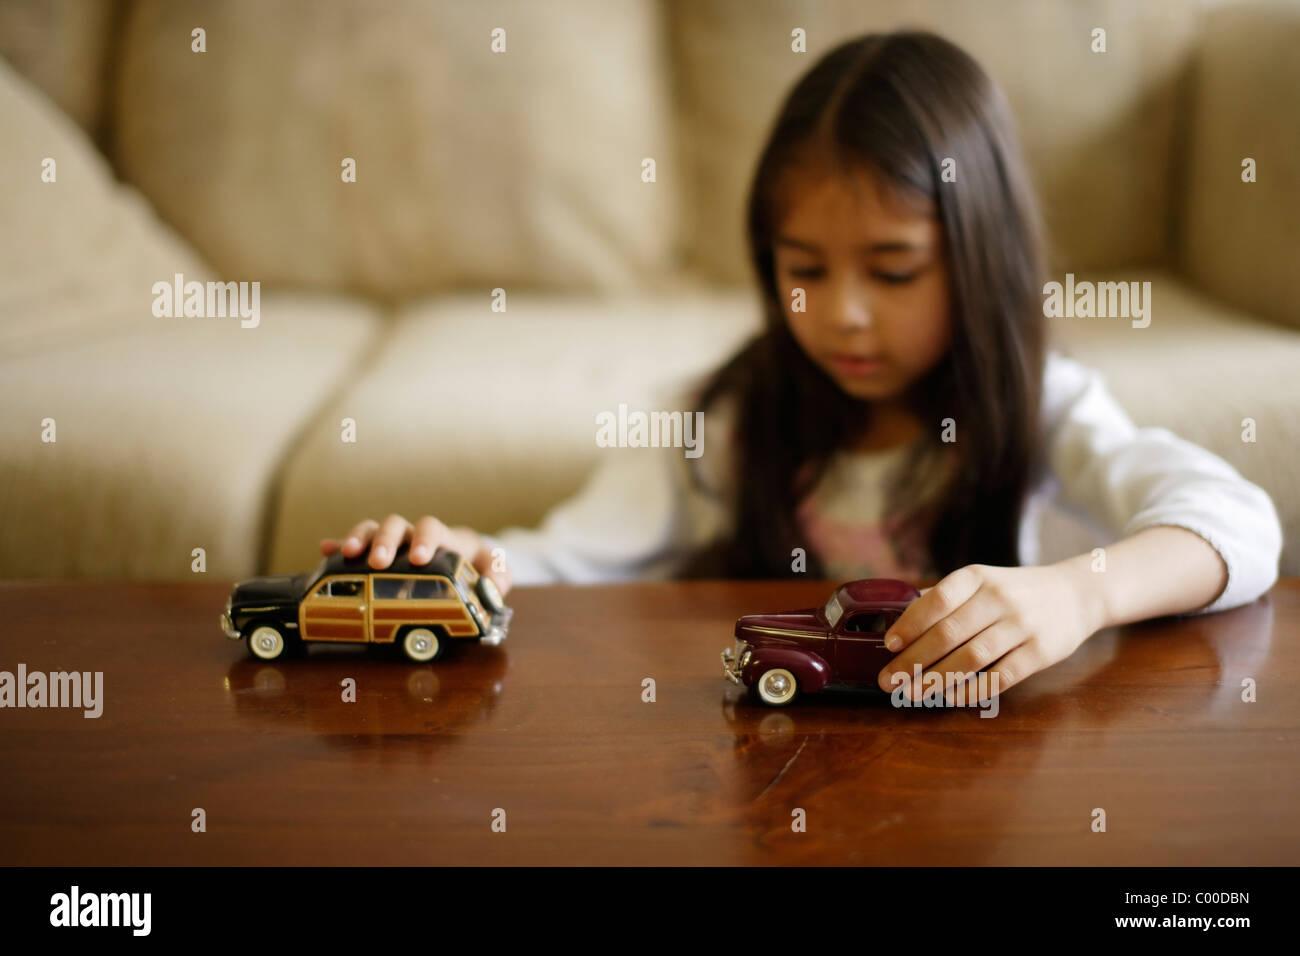 Mädchen spielt mit Spielzeug-Autos Stockbild